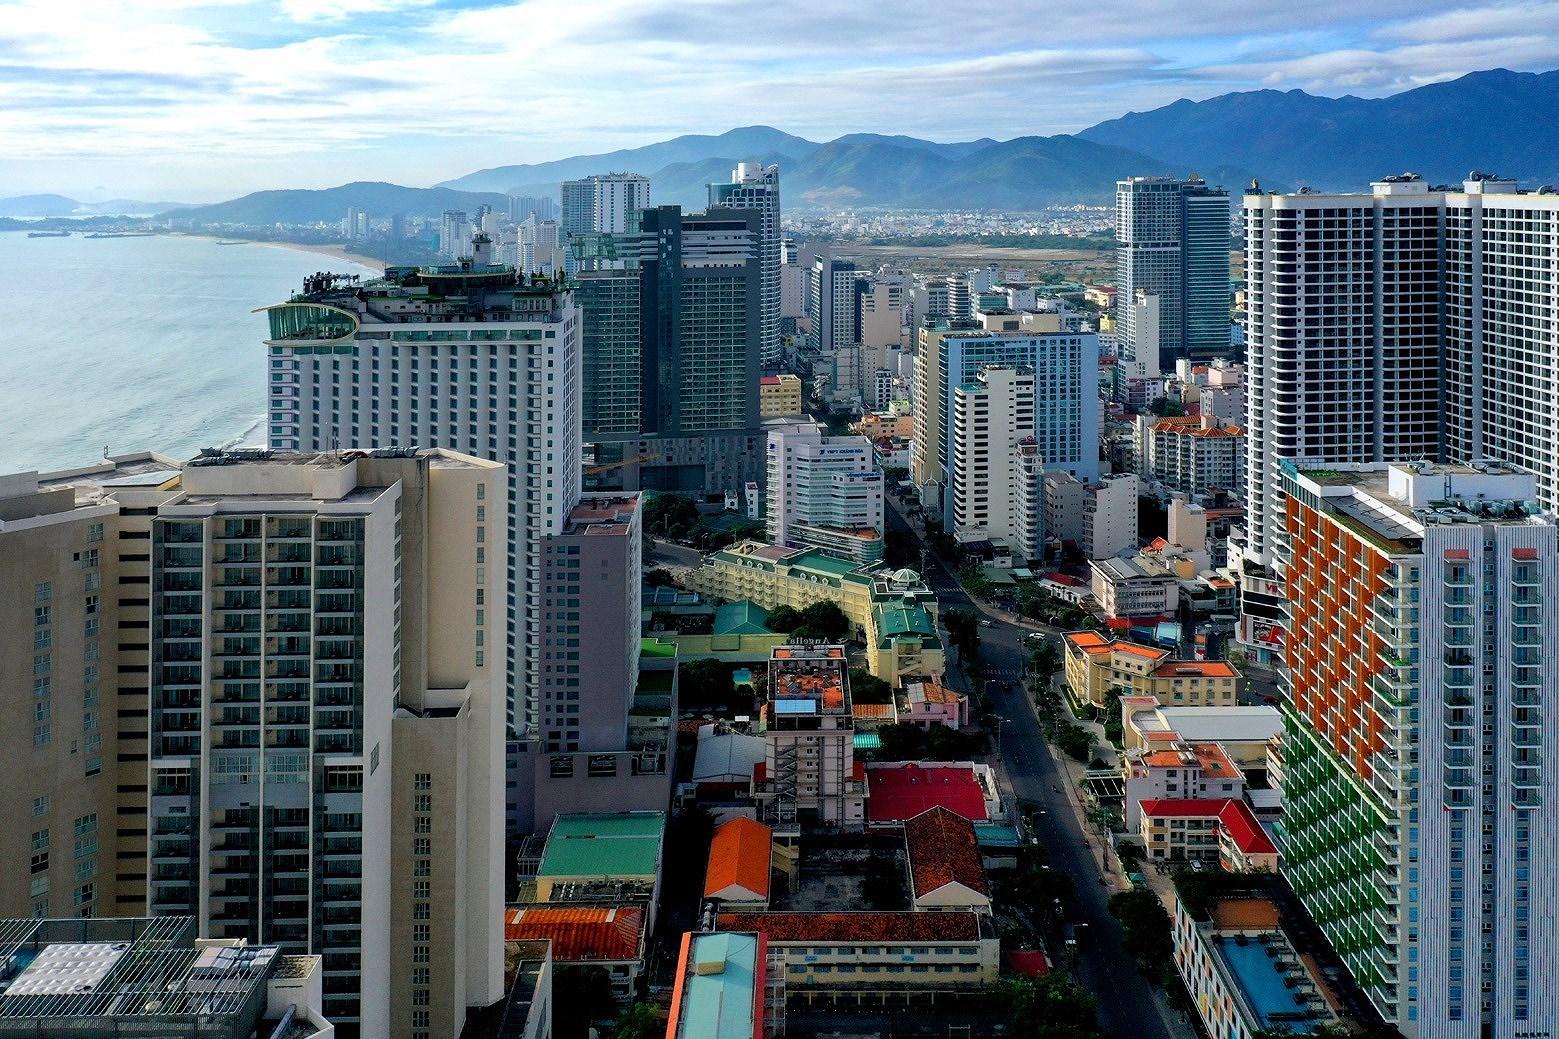 Nha Trang - beautiful coastal city hinh anh 4